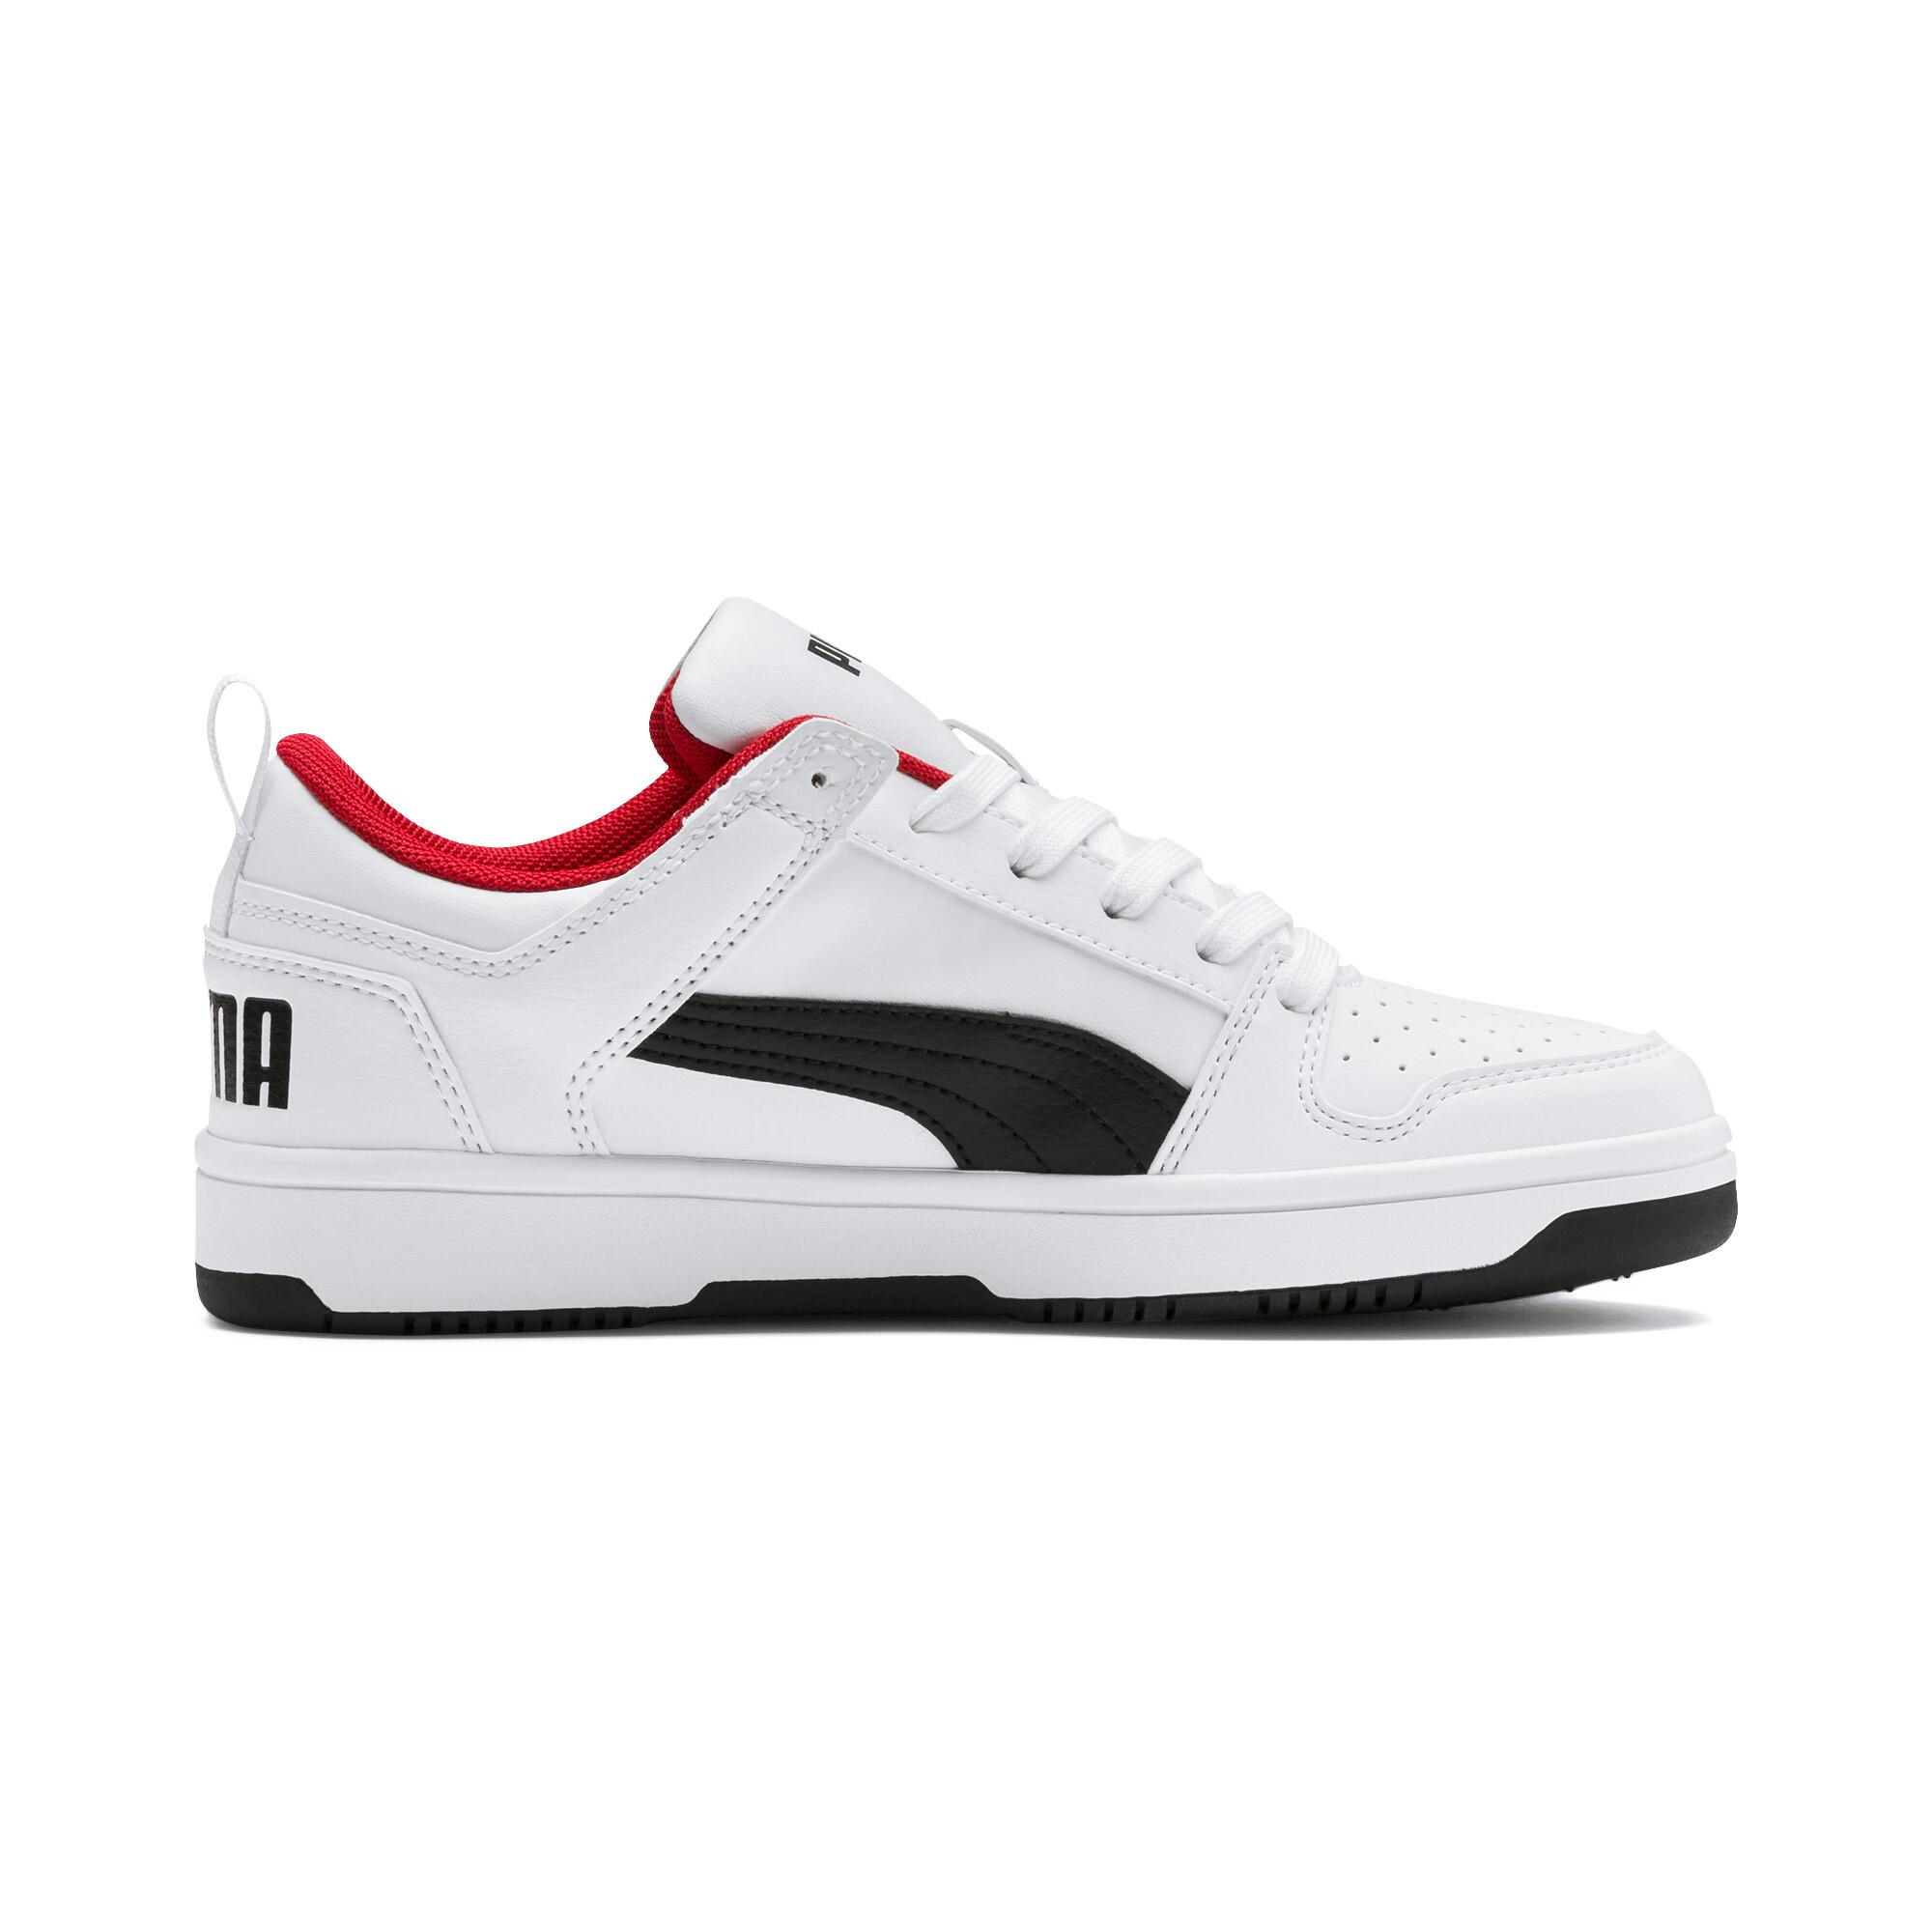 PUMA-PUMA-Rebound-LayUp-Lo-Sneakers-JR-Boys-Shoe-Kids thumbnail 12